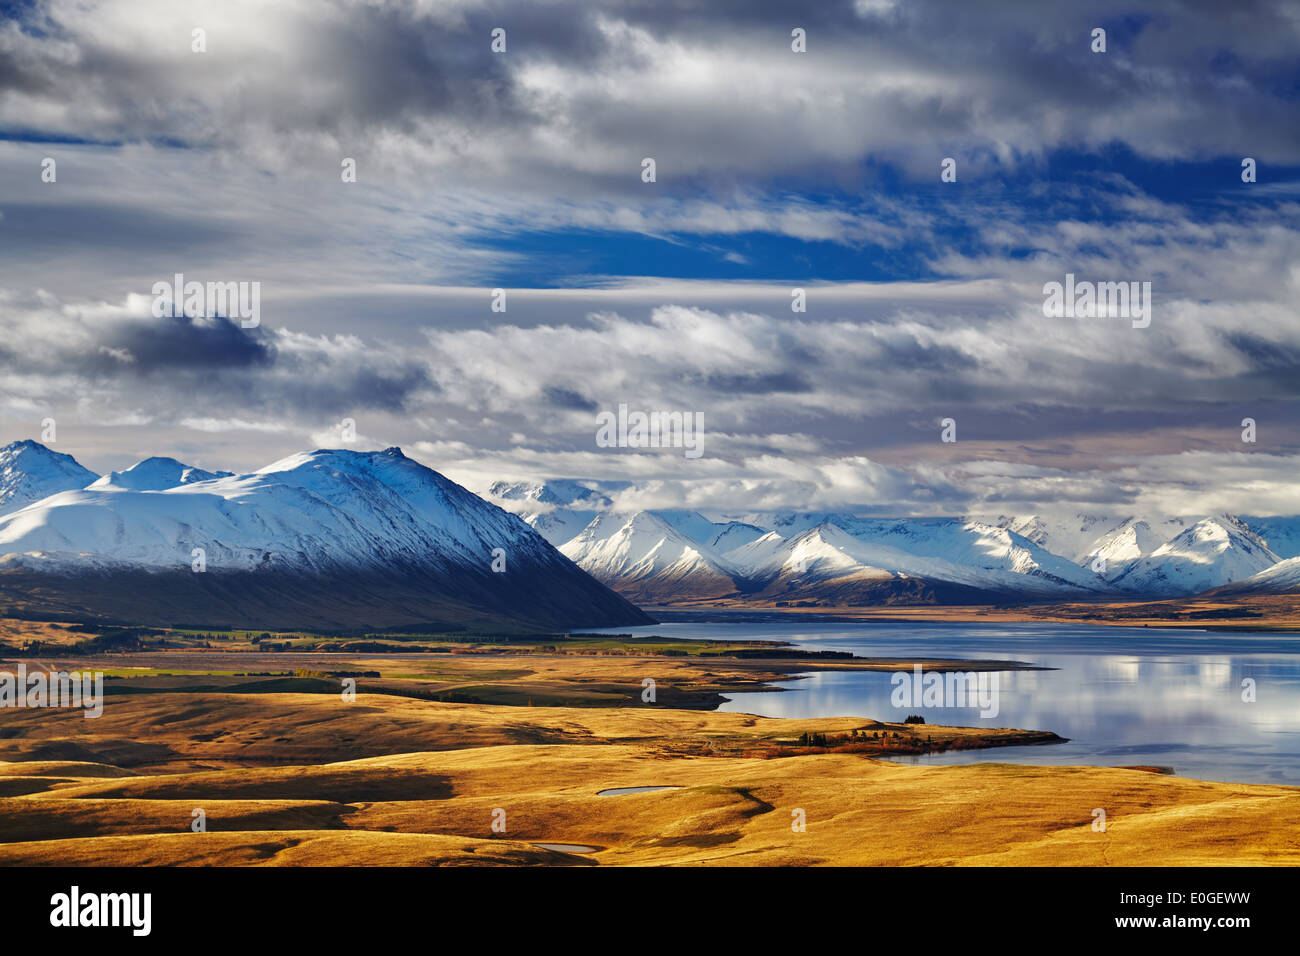 Alpes du Sud et le Lac Tekapo, vue depuis le mont John, Mackenzie Country, Nouvelle-Zélande Photo Stock